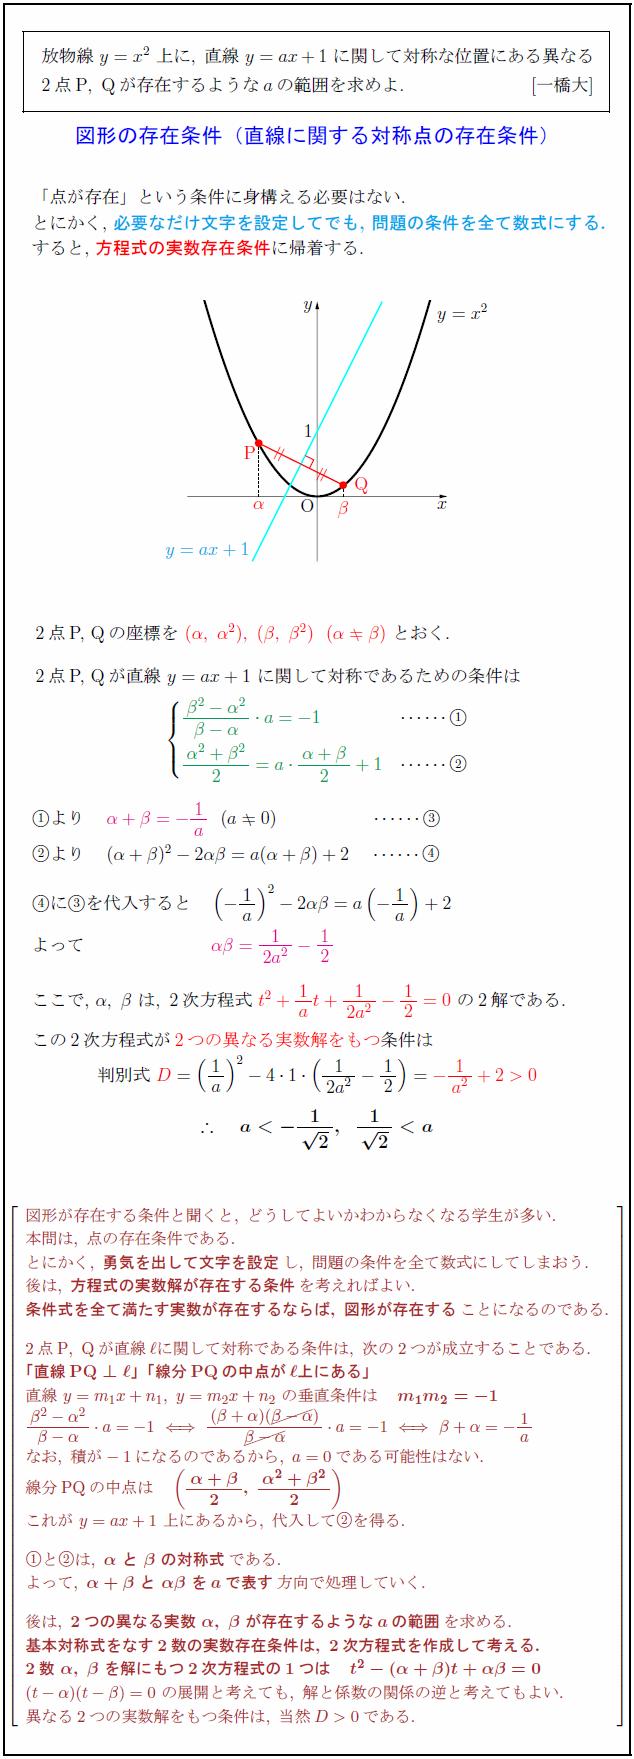 line-symmetric-point